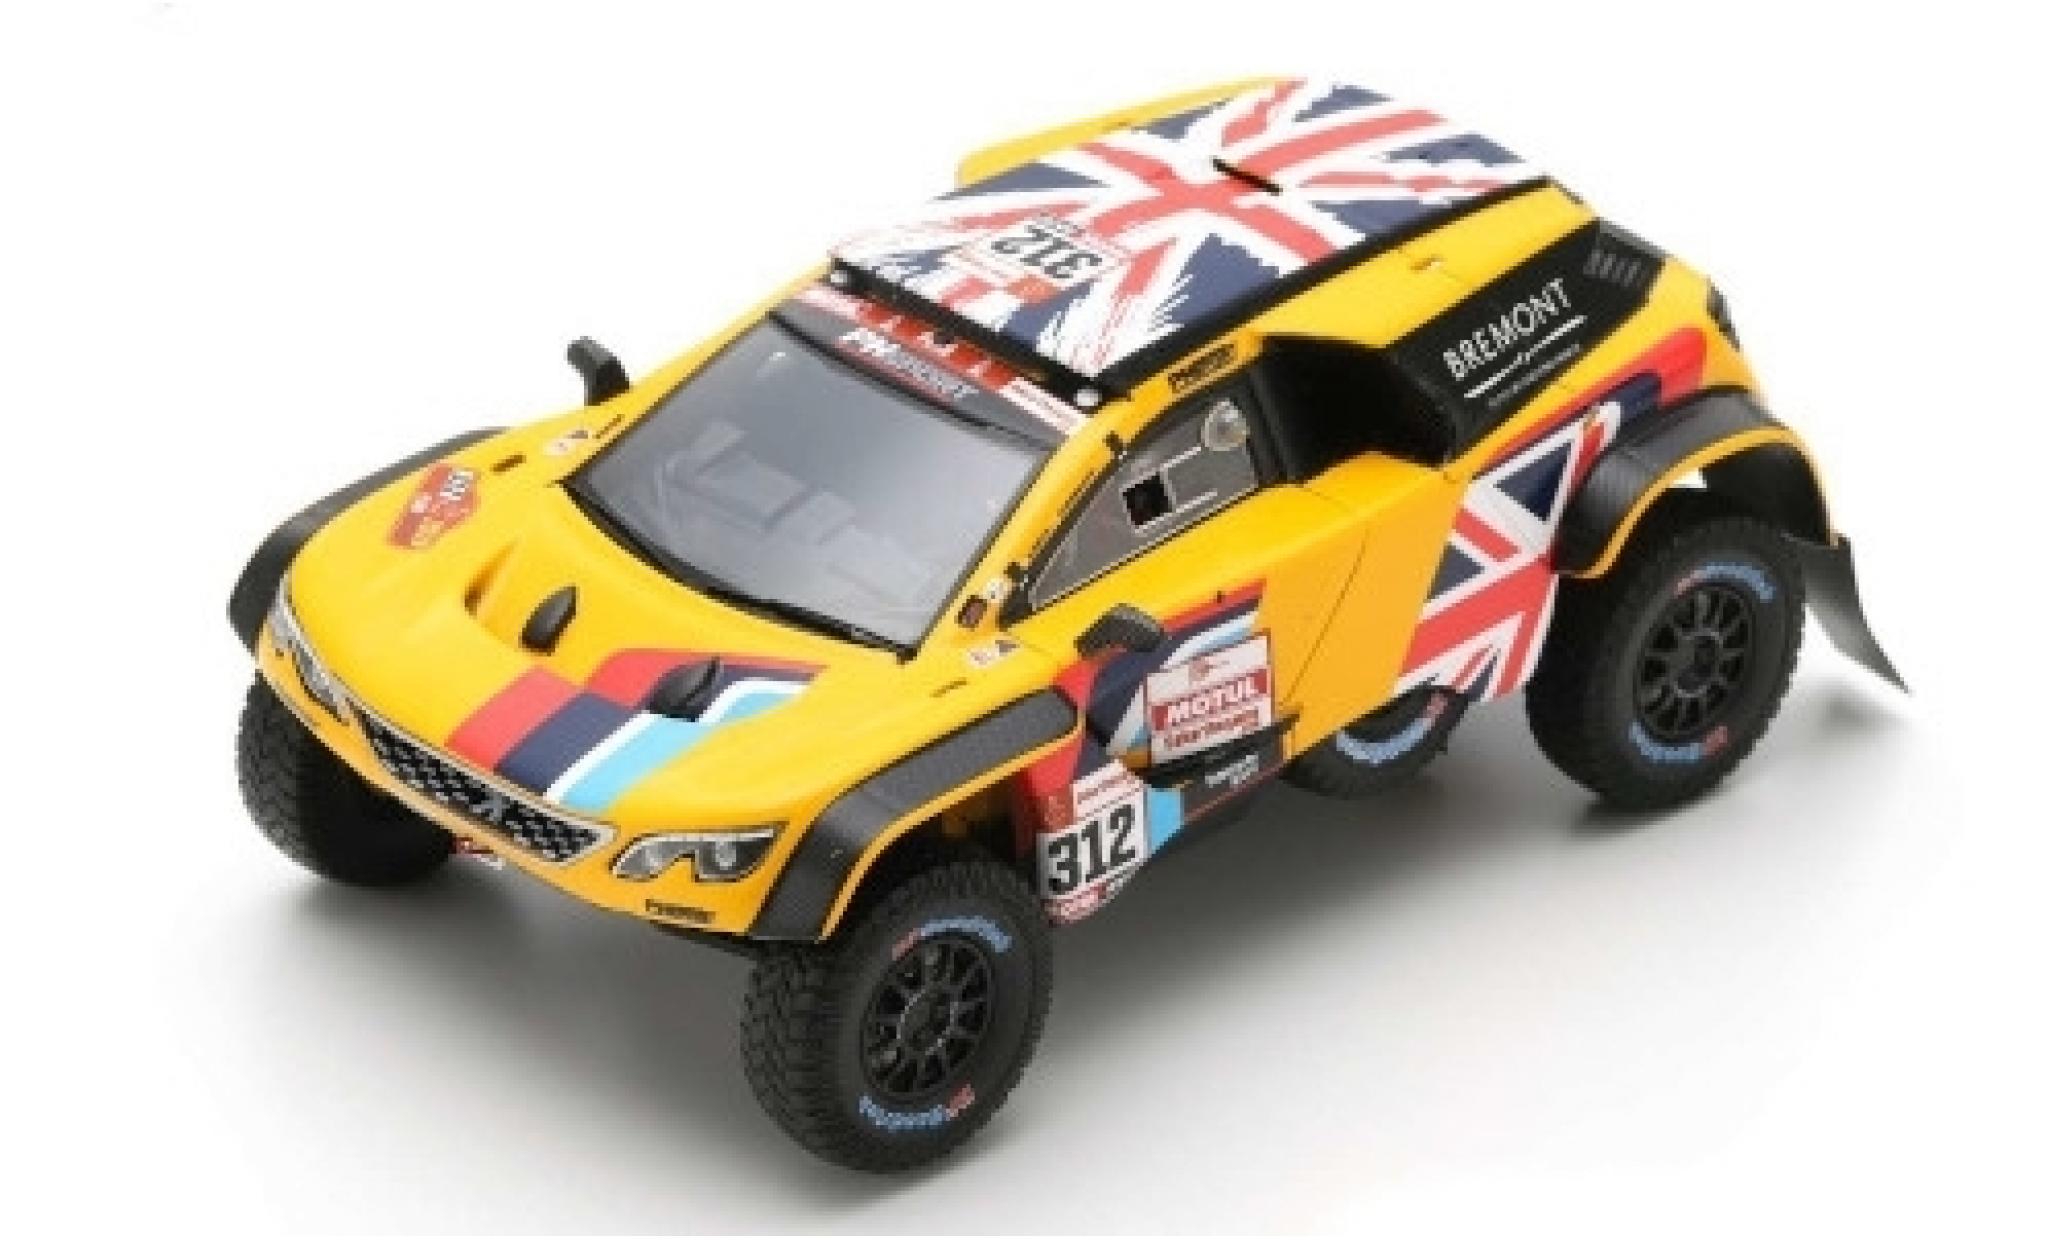 Peugeot 3008 1/43 Spark DKR No.312 PH-Sport Rallye Dakar 2019 H.Hunt/W.Rosegaar